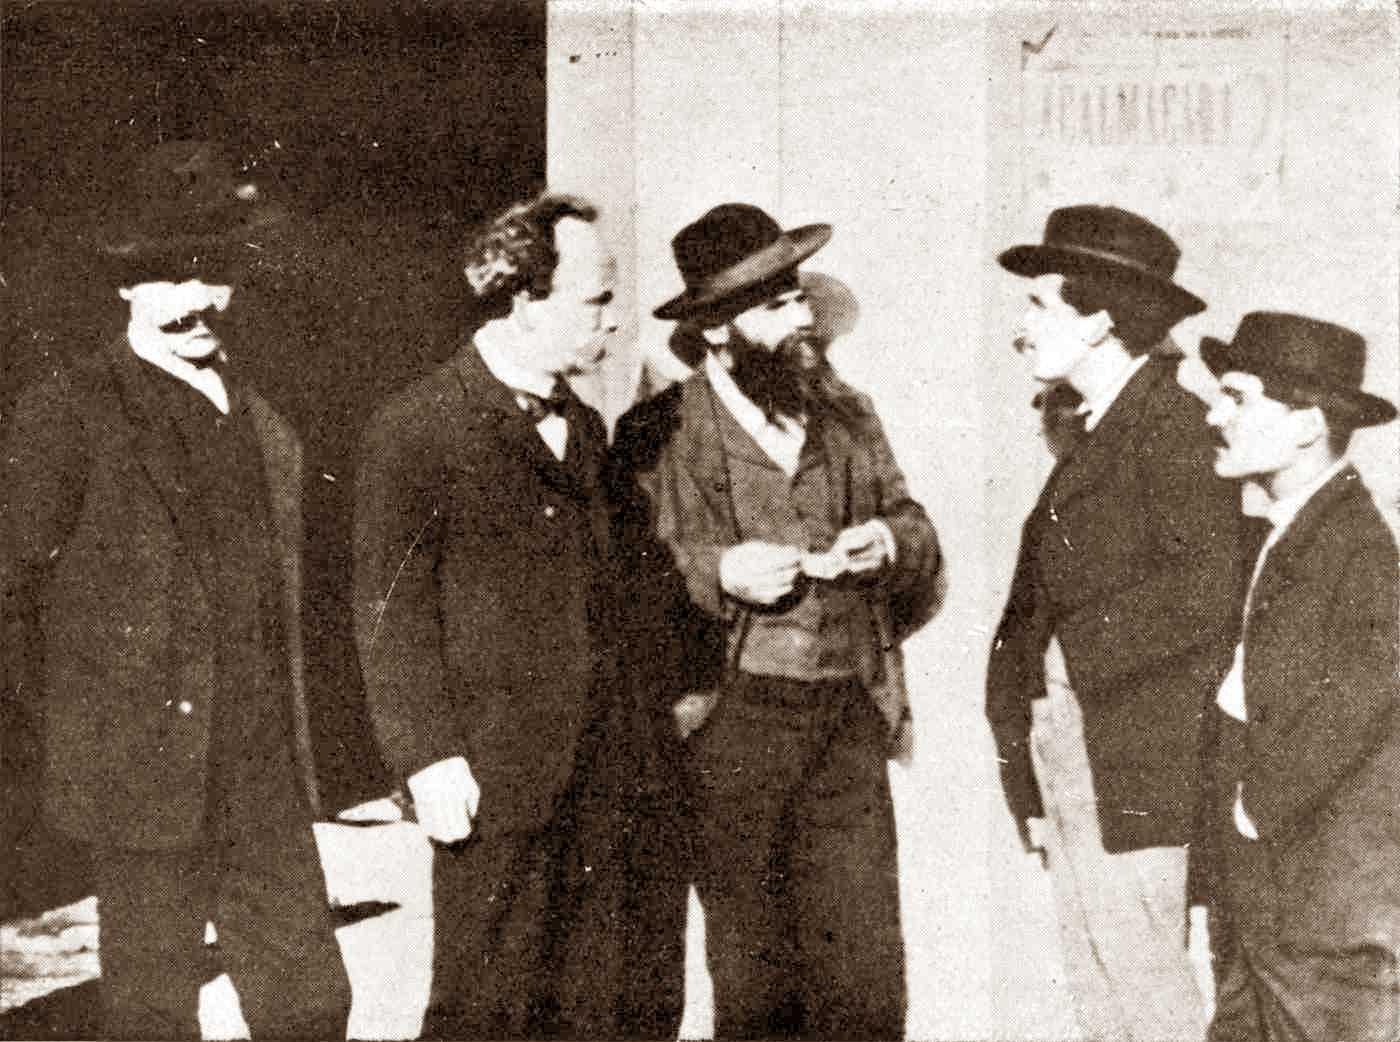 Revolucionaris presos al Quartel dos Lóios. D'esquerra a dreta: Adão Duarte, António José de Ávila, Miguel Córdova, Augusto Machado i Constantino Mendes «O Norte» (ca. 1908)